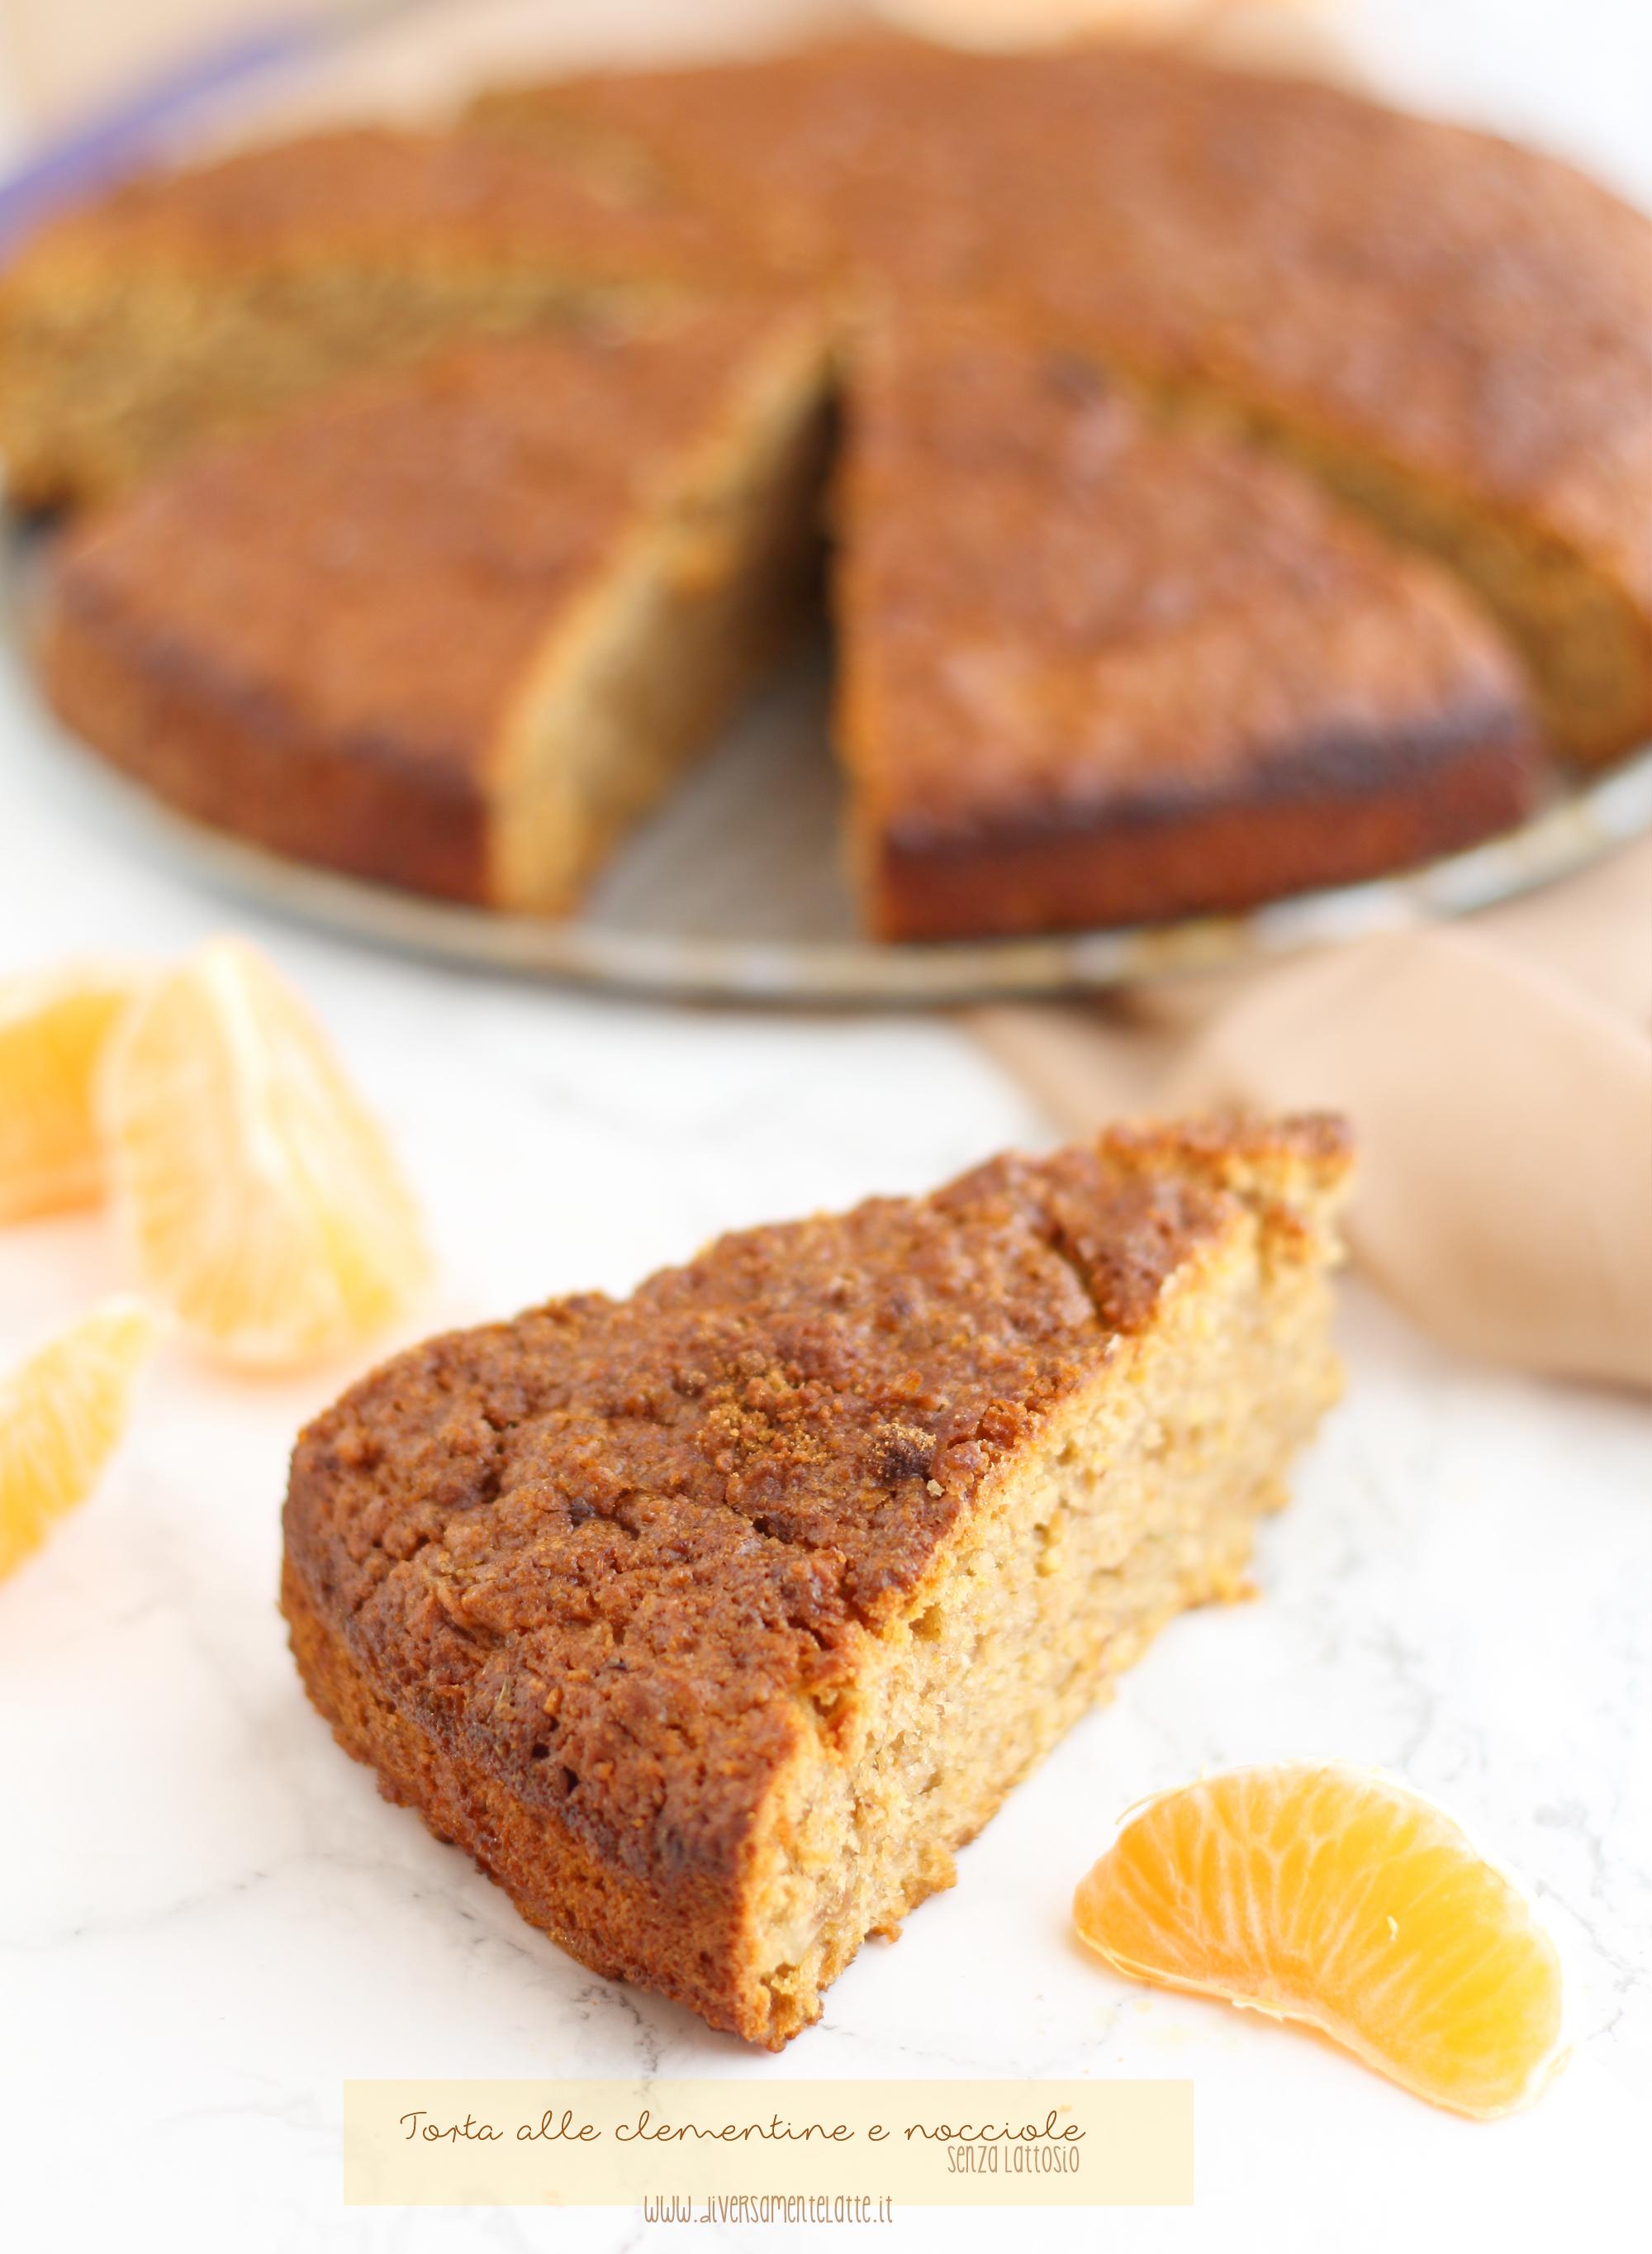 torta clementine e nocciole senza lattosio